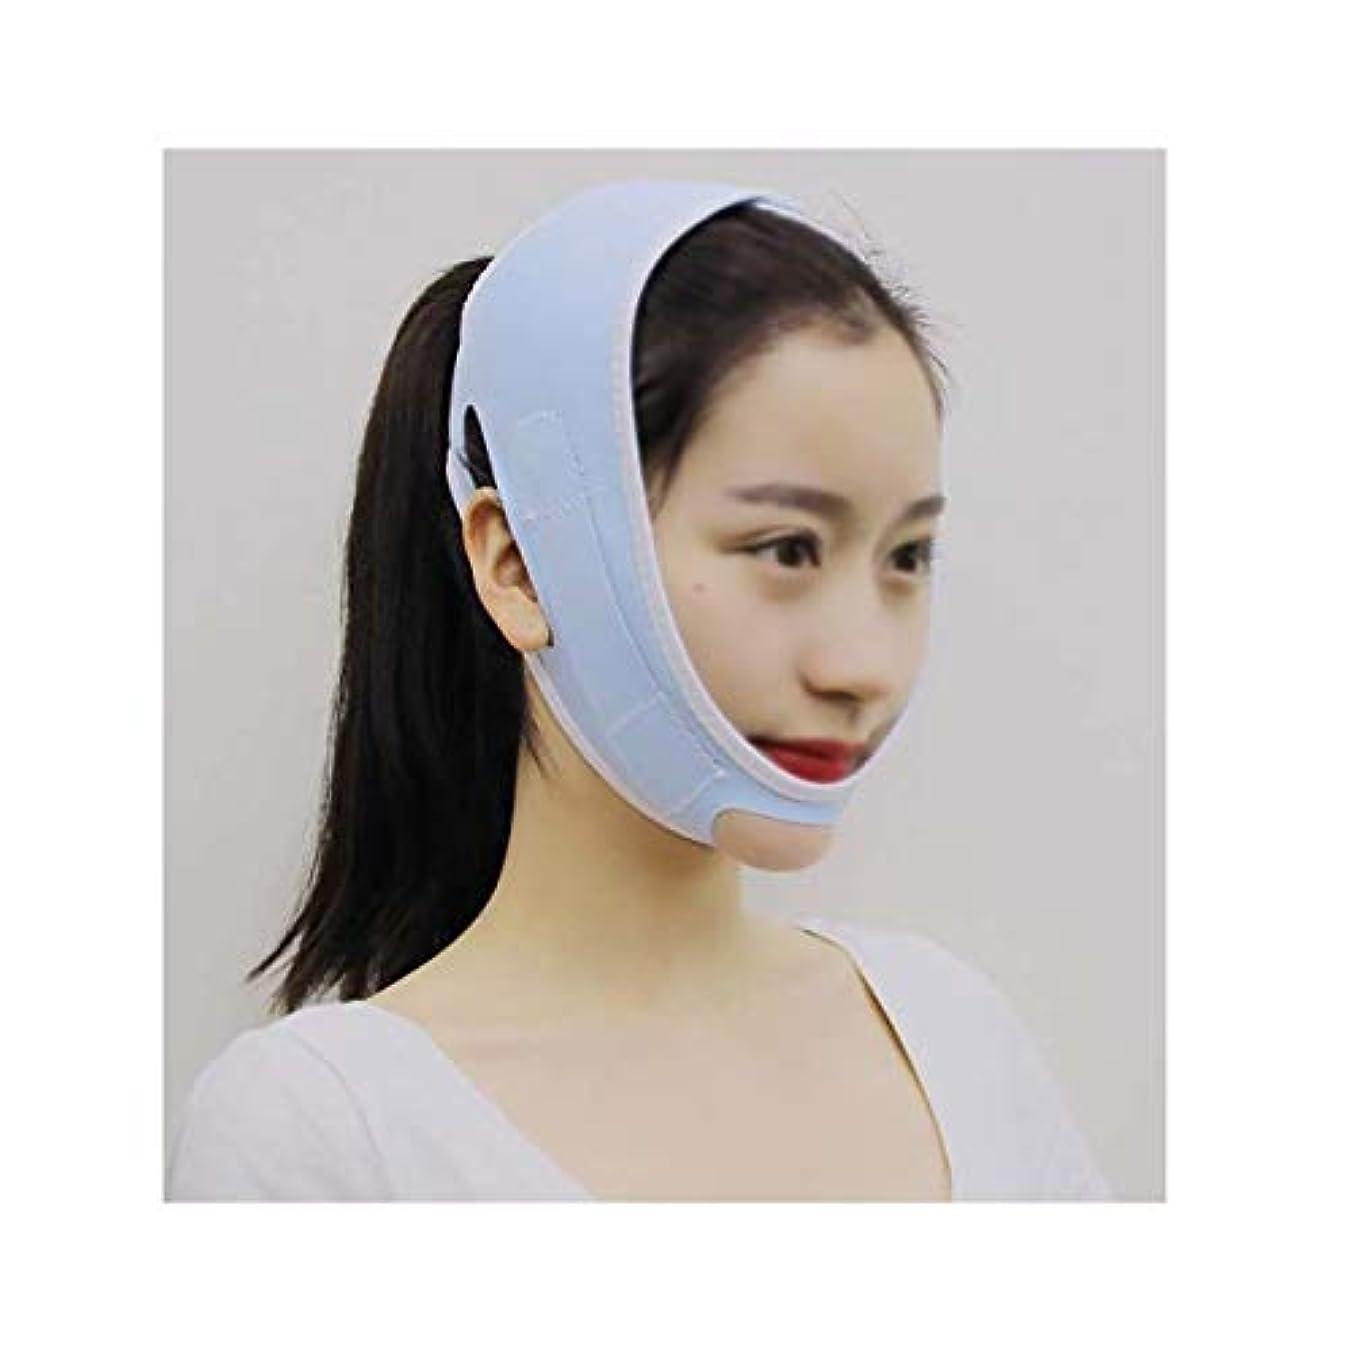 マイルストーン目的バッフルGLJJQMY フェイシャルリフティングマスクあごストラップ修復包帯ヘッドバンドマスクフェイスリフティングスモールVフェイスアーティファクト型美容弾性フェイシャル&ネックリフティング 顔用整形マスク (Color : Blue)